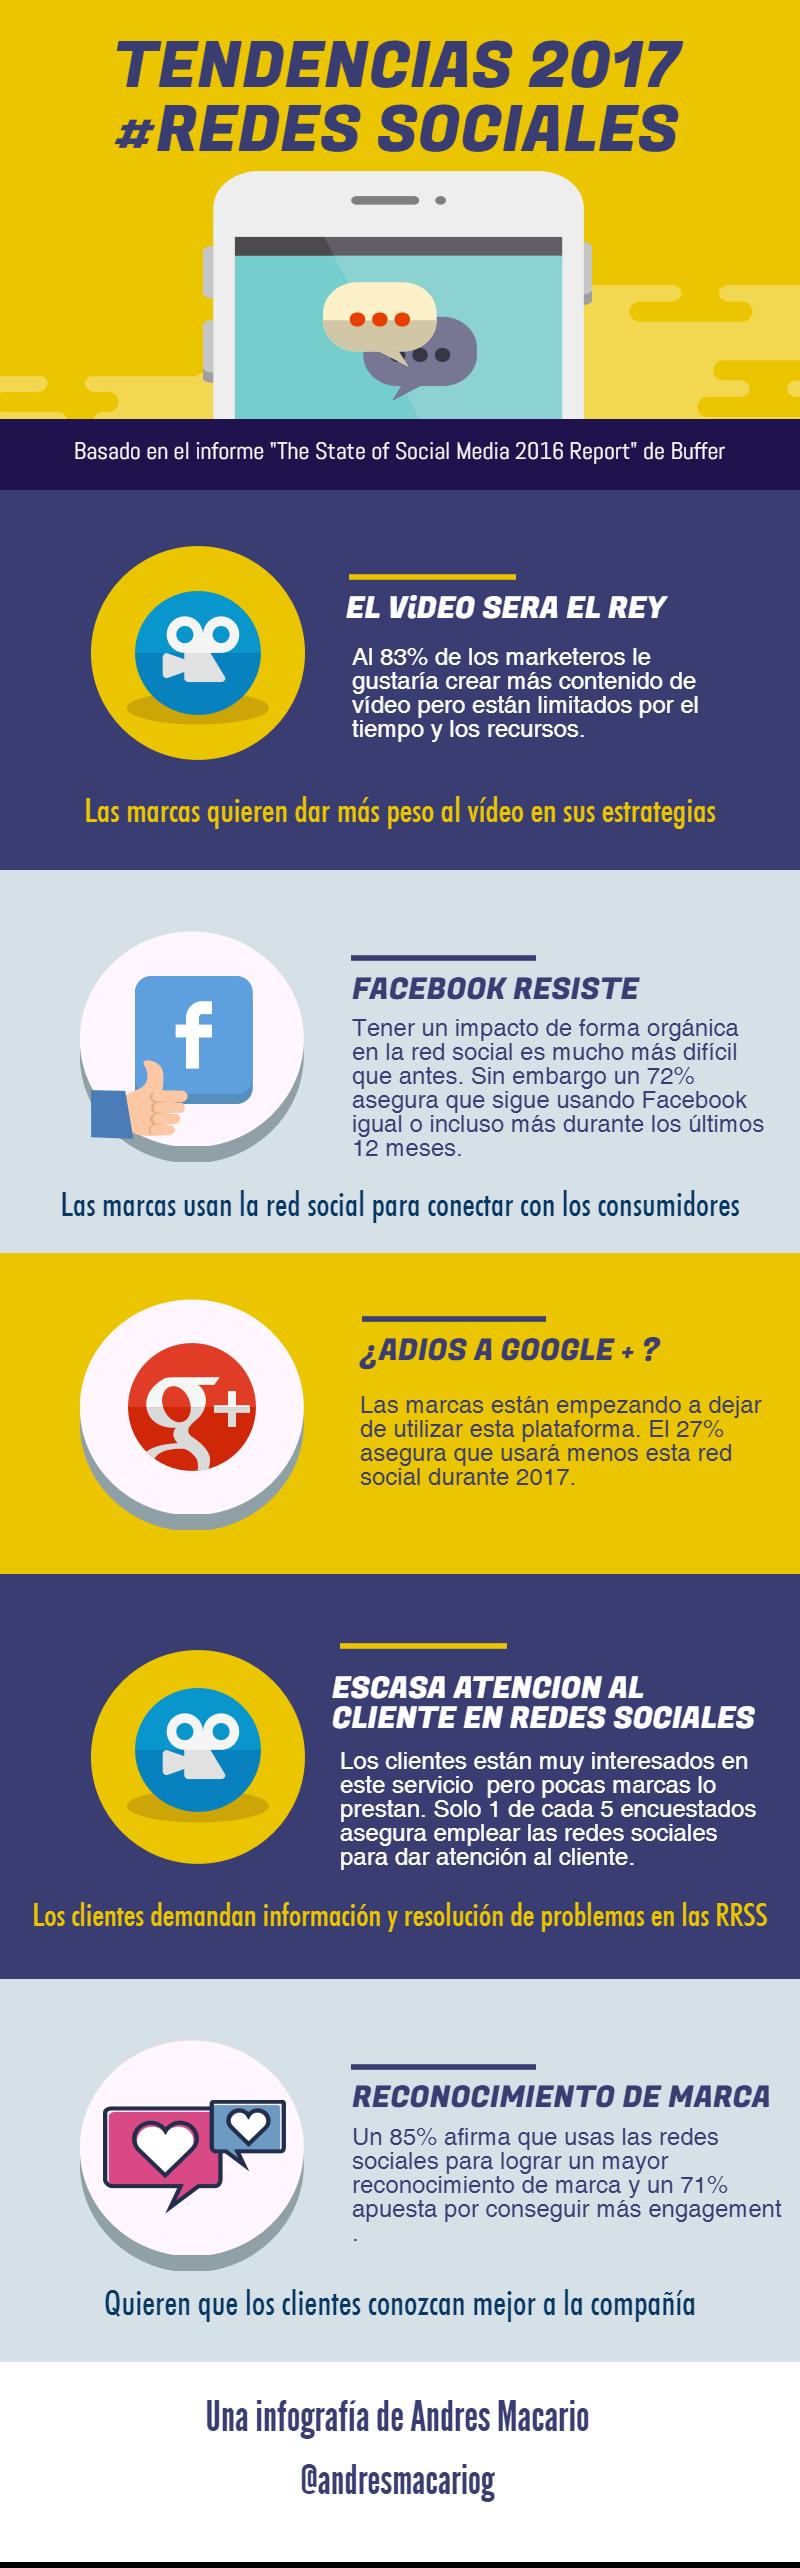 Social Media Marketing - Tendencias Redes Sociales 2017